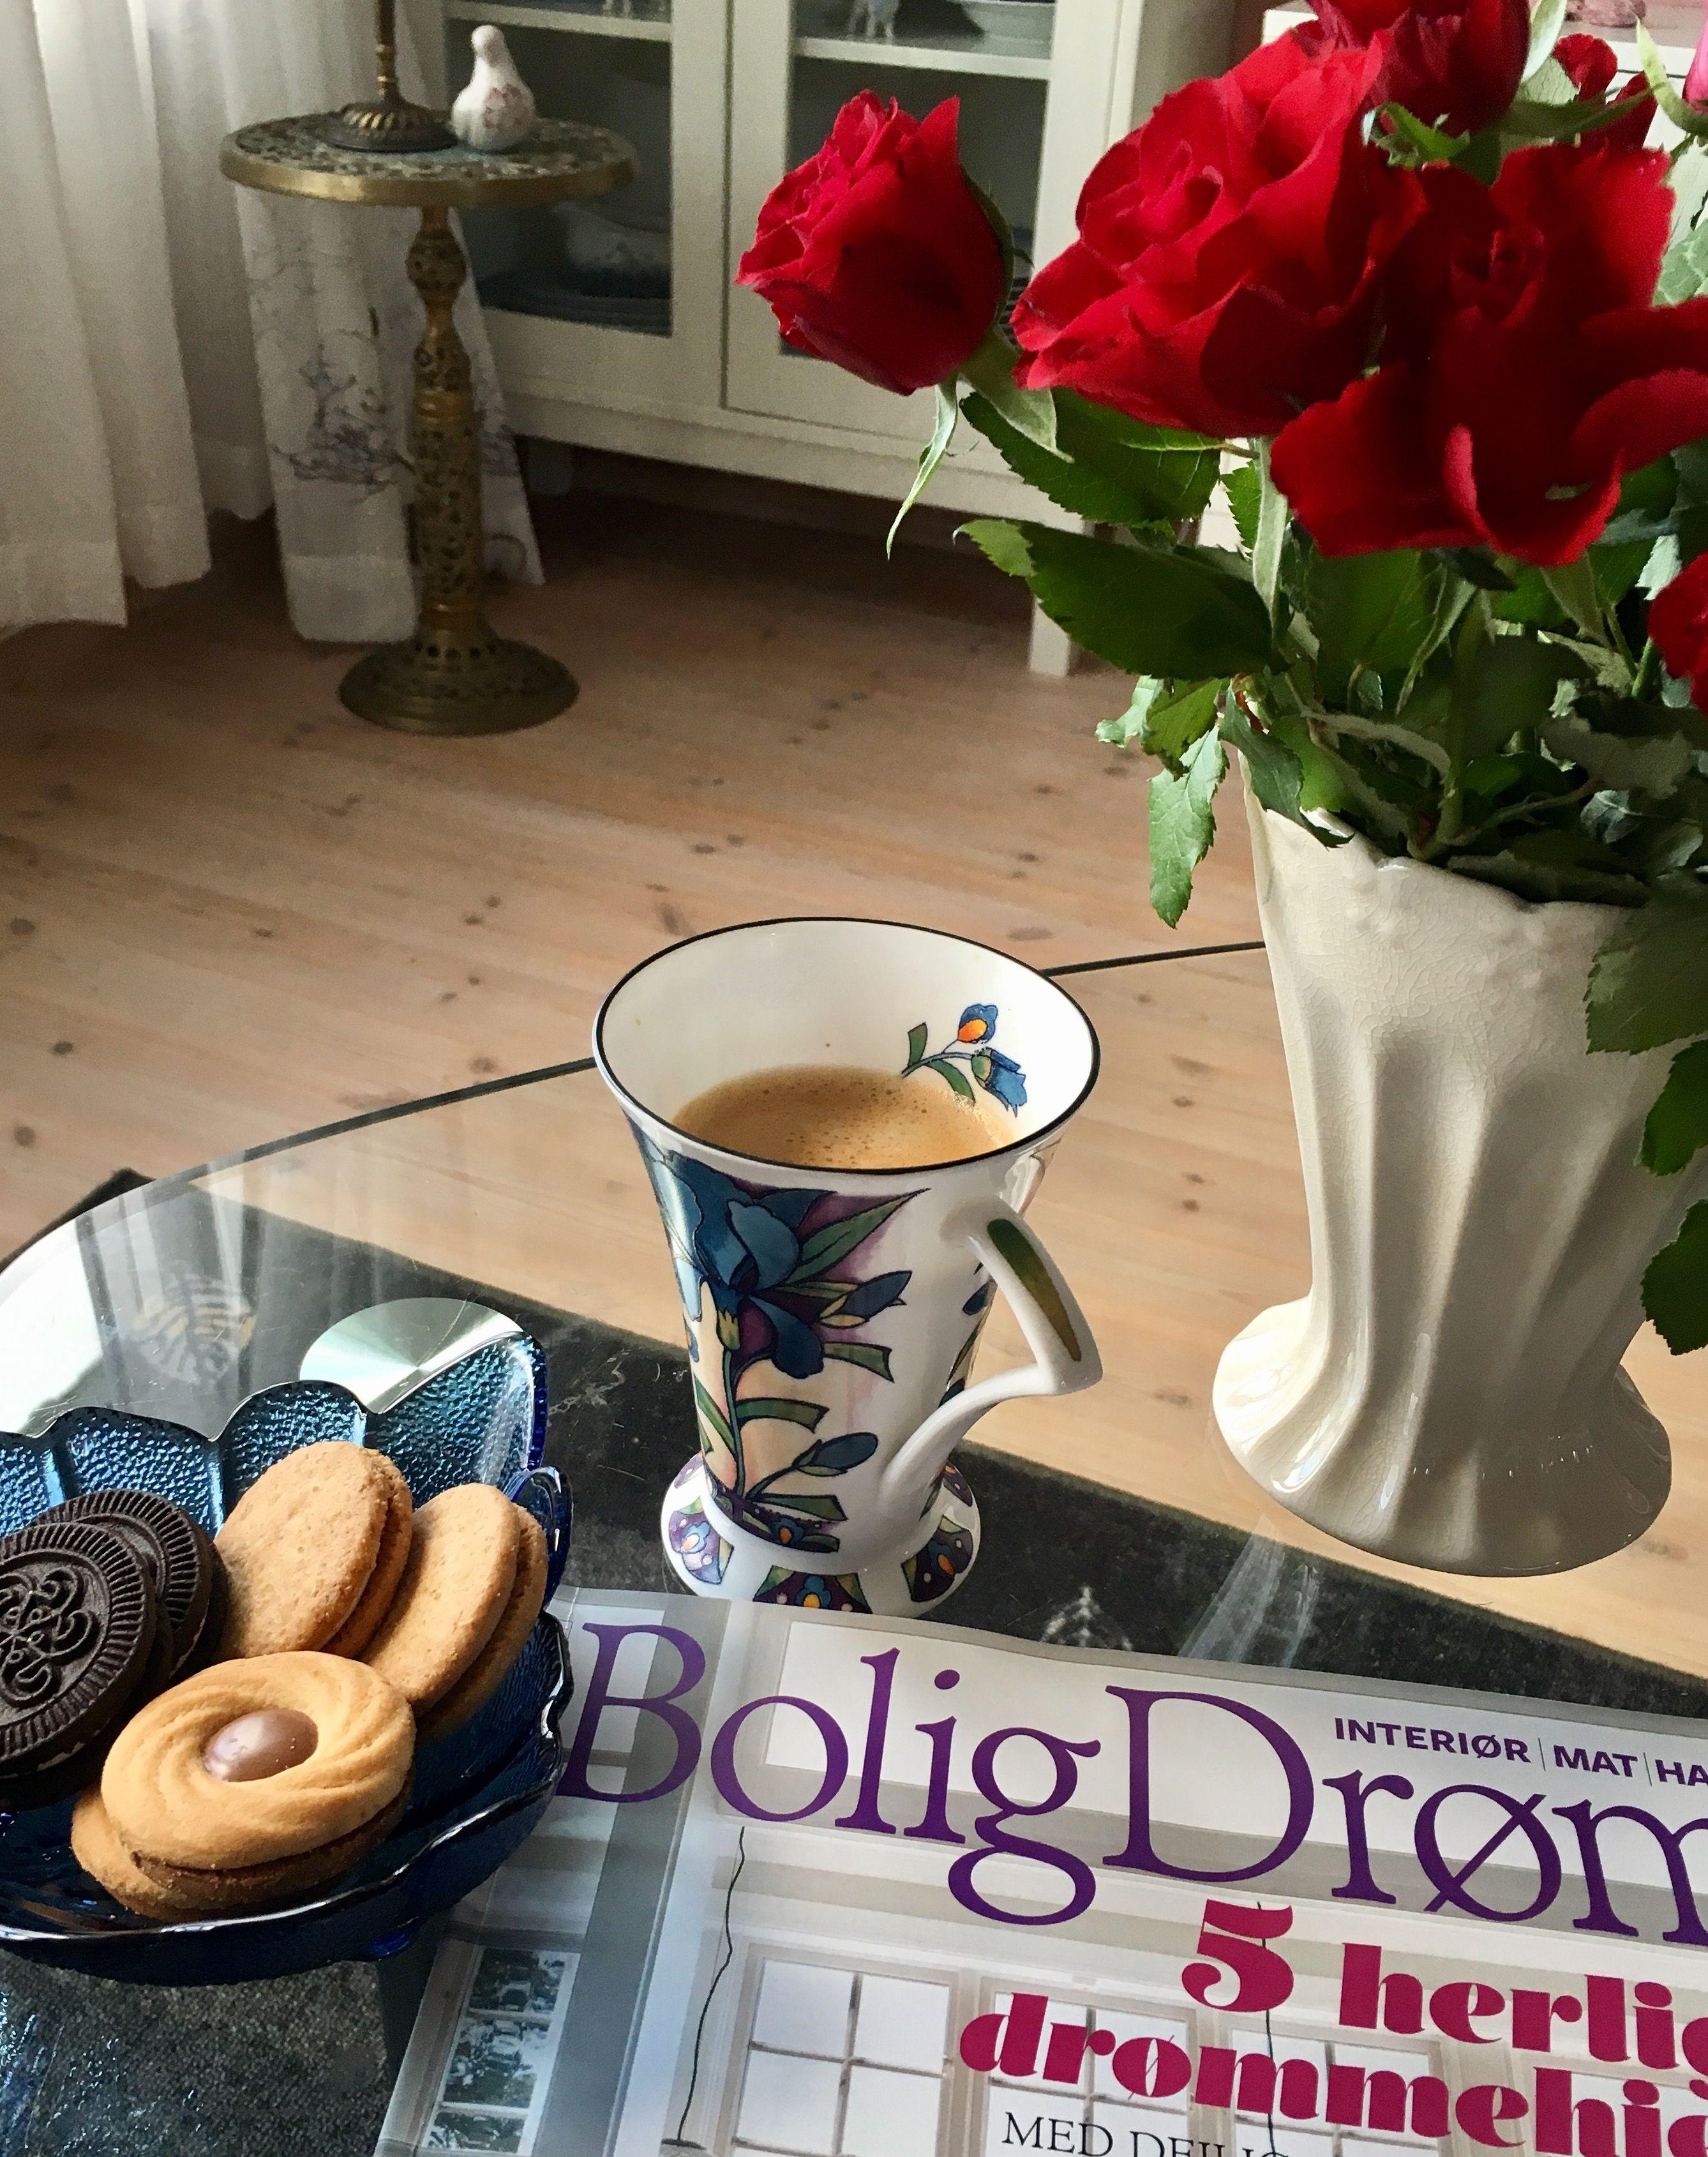 Noe godt til kaffen og BoligDrøm ☕️🍪🌹👌🏻